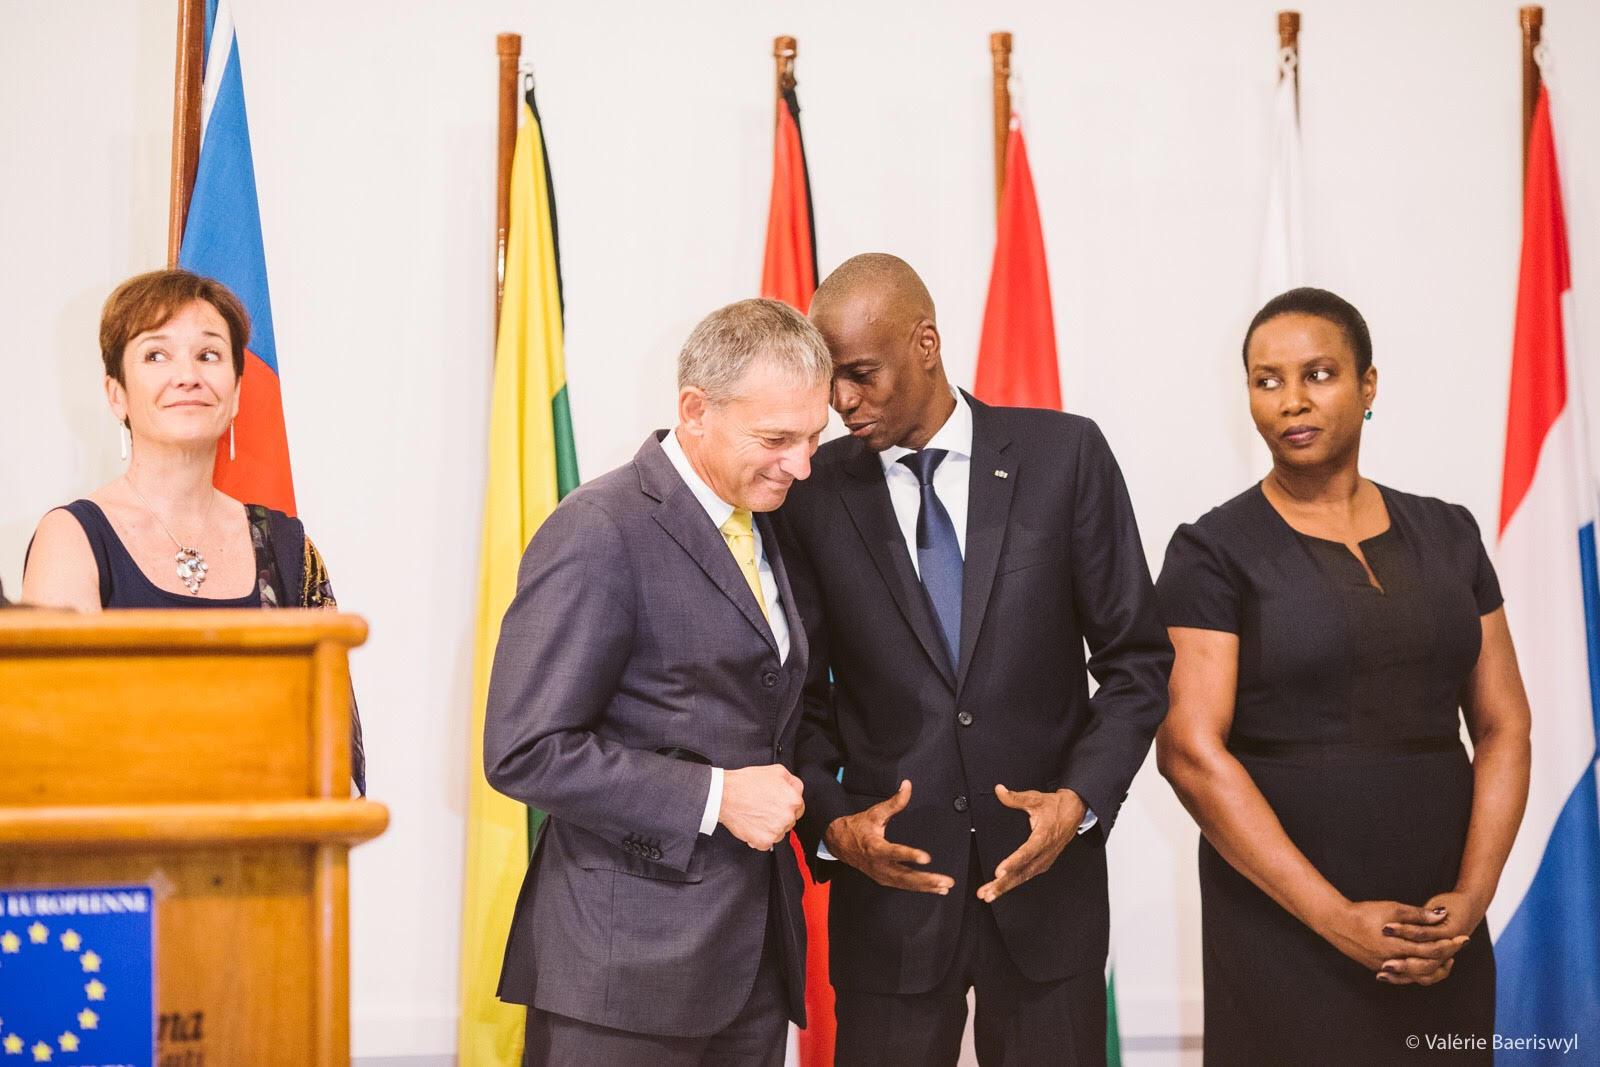 Le président haïtien, Jovenel Moïse et l'ambassadeur de l'Union européenne en Haïti, Vincent Degert/ Photo: Valerie Baesriswyl